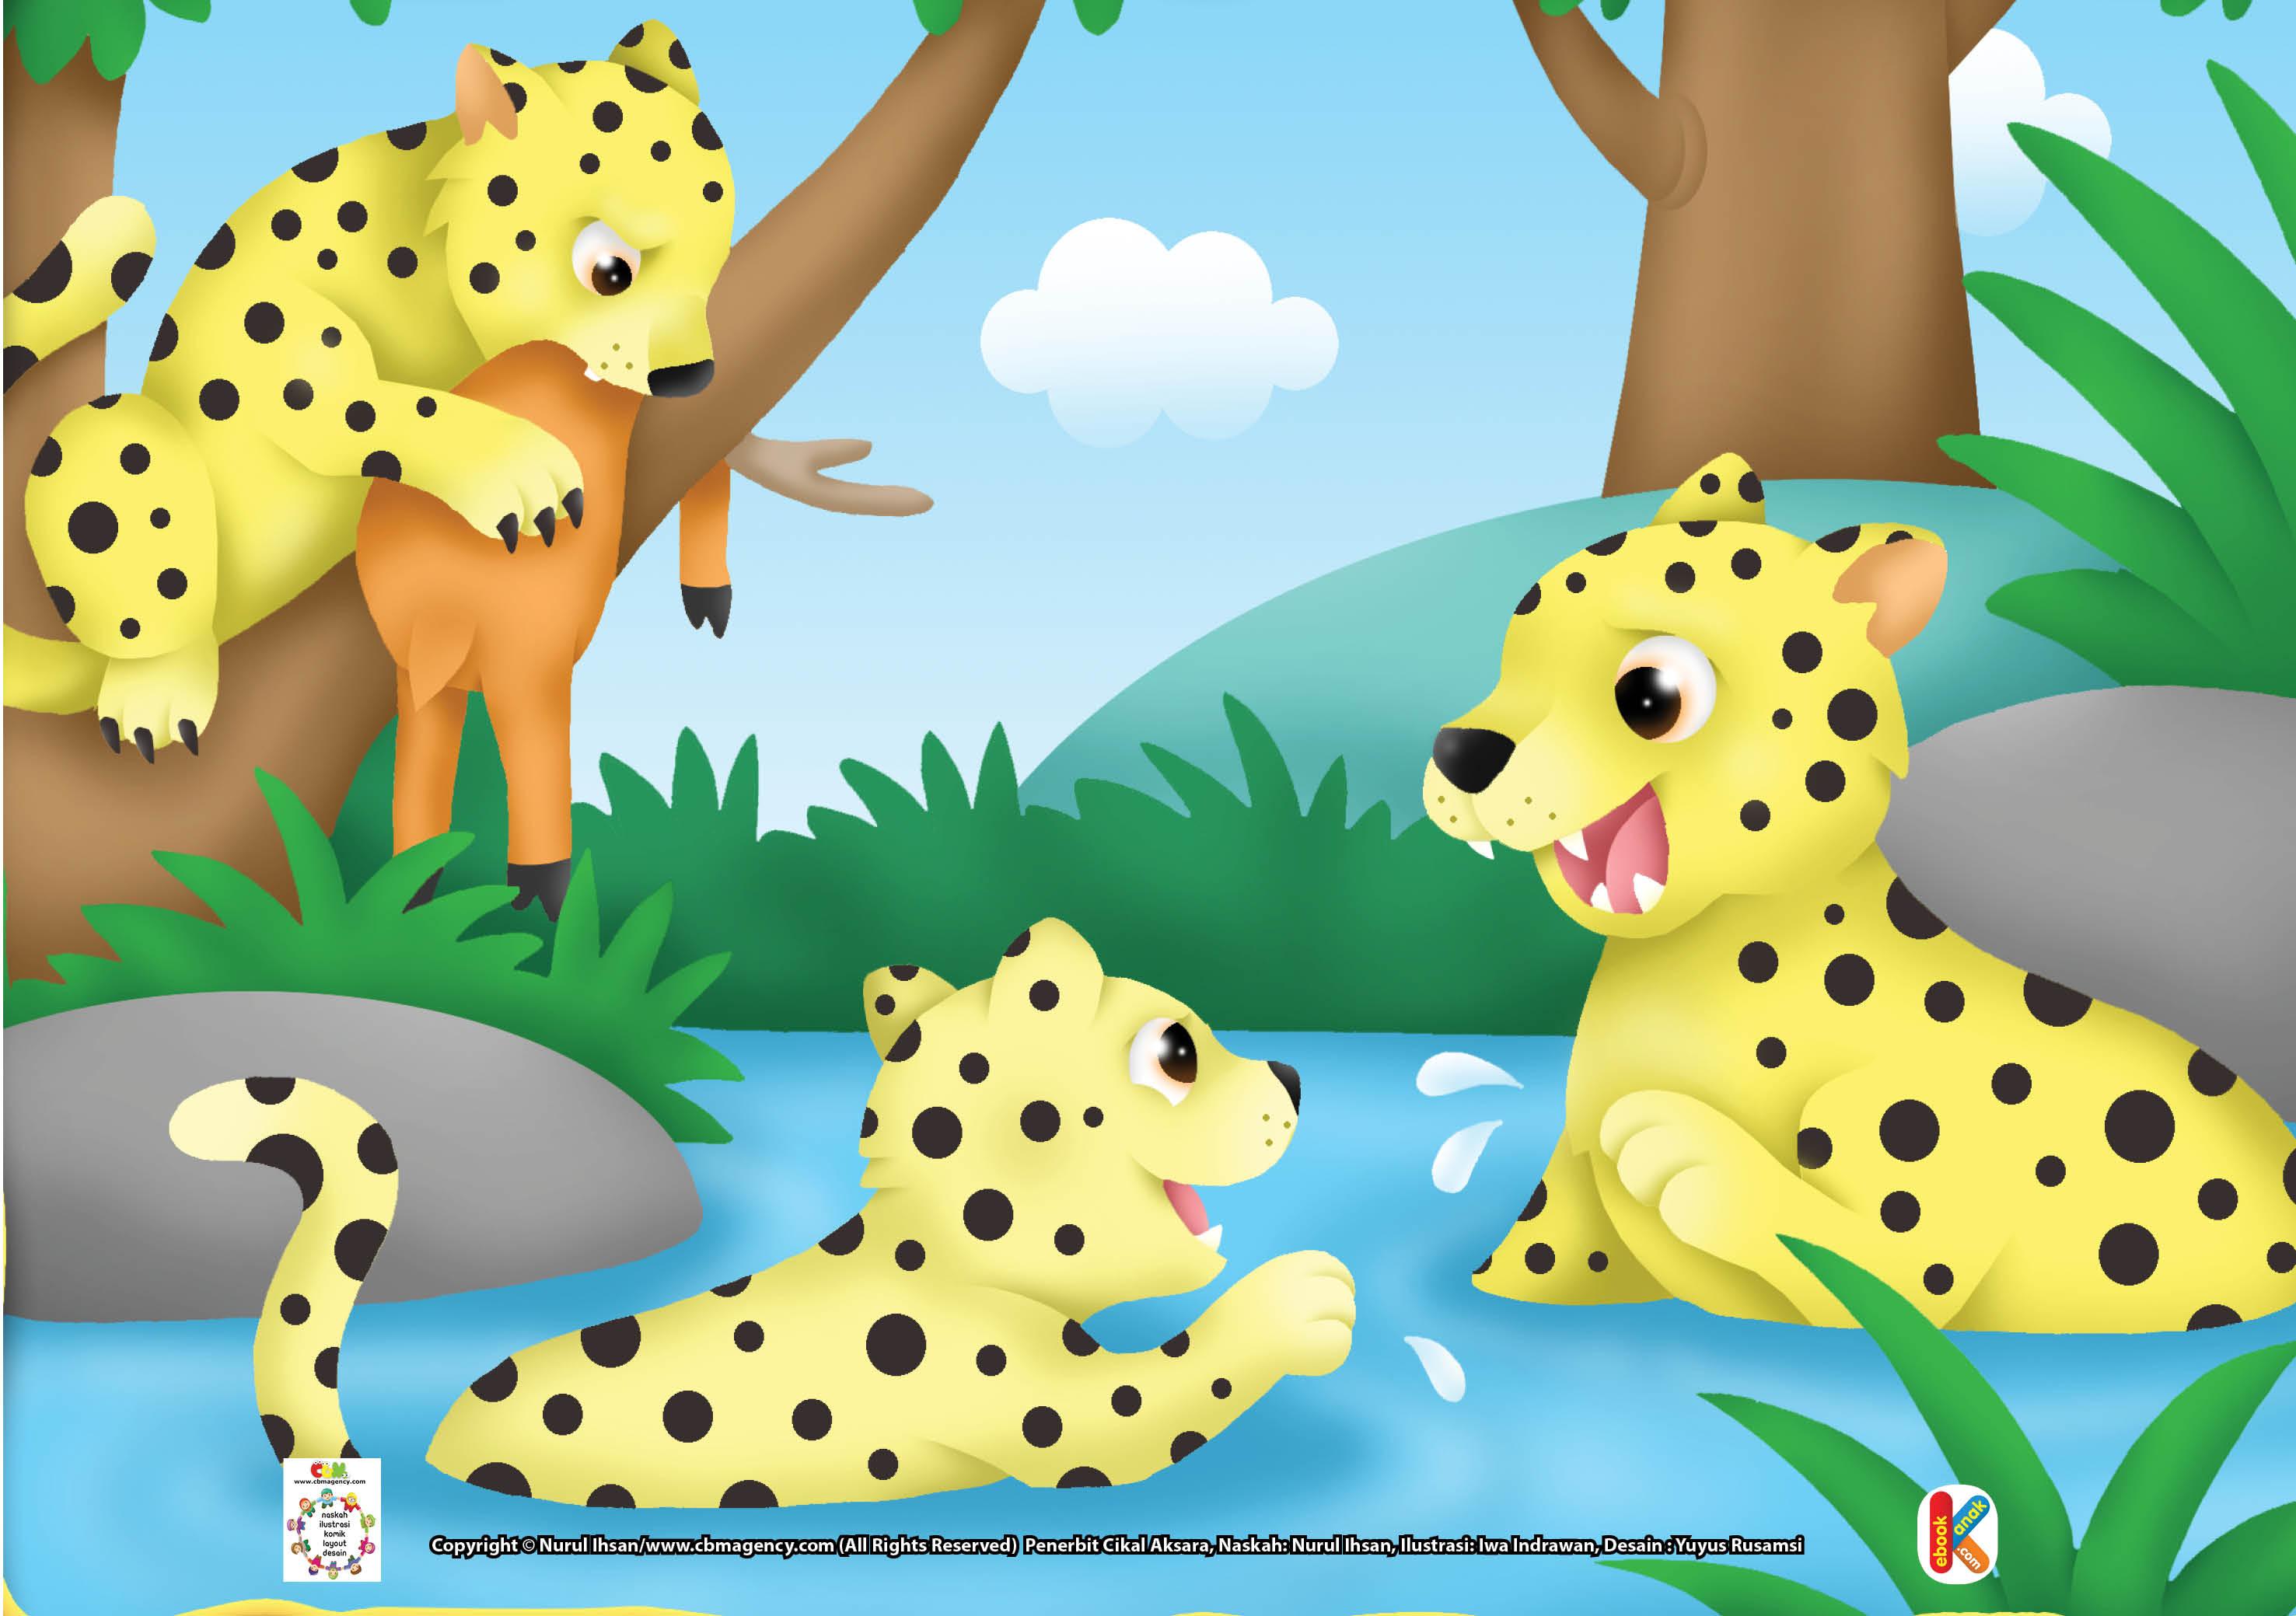 Kenapa Macan Tutul Dijuluki Macan Dahan Ebook Anak